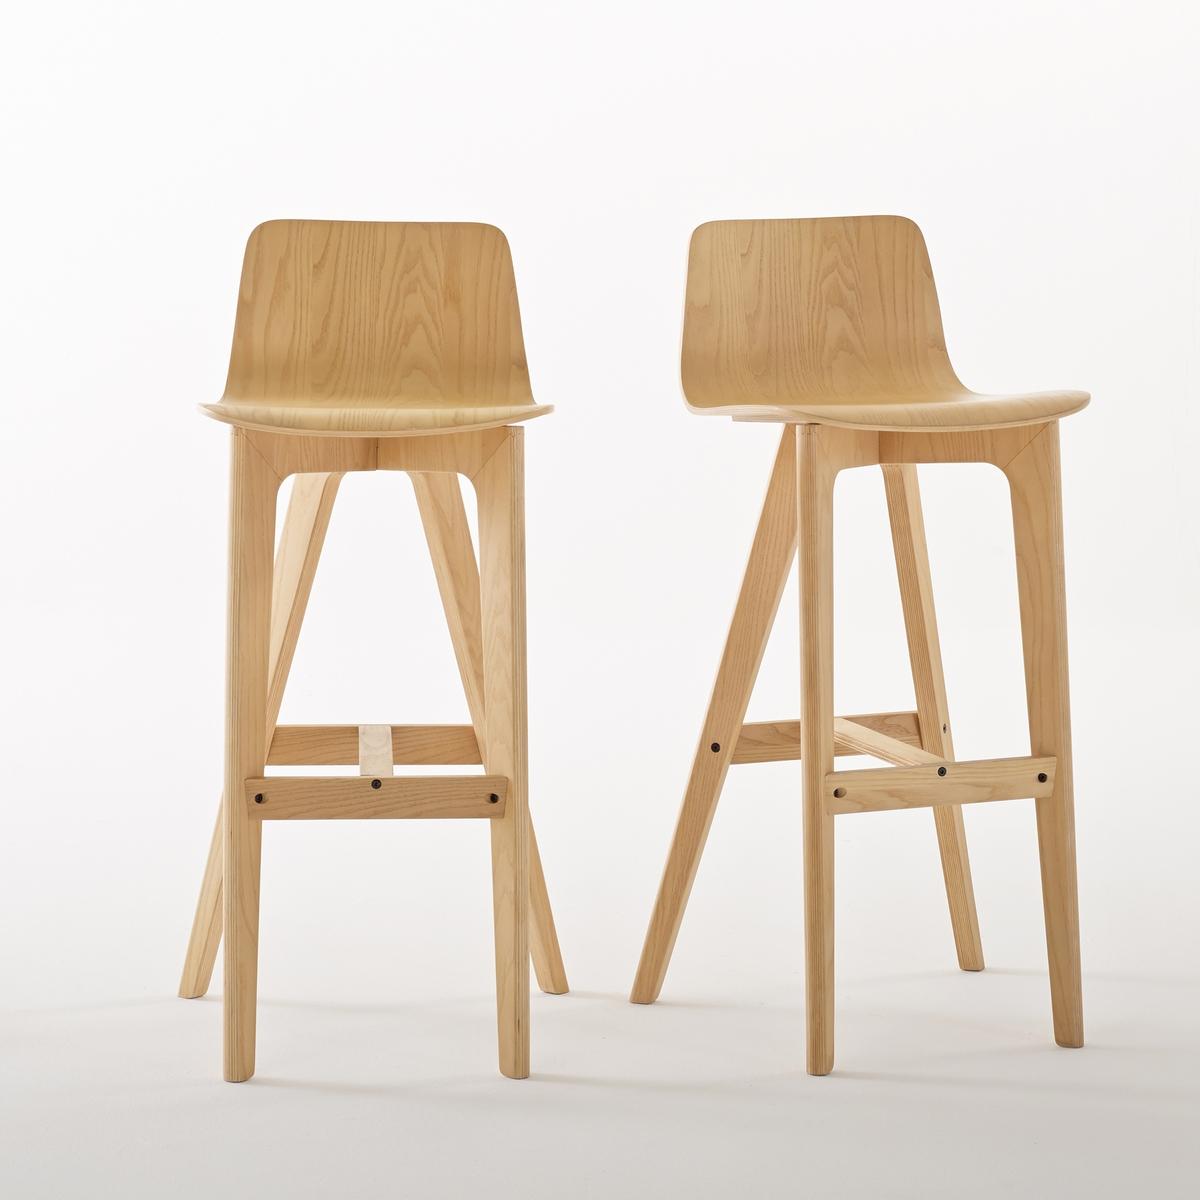 2 стула высоких дизайнерских, BIFACE2 барных дизайнерских стула Biface. Вокруг высокого стола или перед баром 2 высоких стула Biface обеспечивают вам отличную эргономию и модный современный дизайн.Описание высоких дизайнерских стульев Biface :Покрытие лаком позволяет проявить прожилки дерева двух цветов, натурального и черного для современного эффекта.Отличная эргономия.Подставка для ног.Для оптимального качества и устойчивости рекомендуется надежно затянуть болты. Характеристики высоких дизайнерских стульев Biface :Сиденье и ножки из многослойной гевеи, покрытой шпоном ясеня и нитролаком.Откройте для себя другие стулья Biface на сайте laredoute.ruРазмеры стульев Biface :ОбщиеДлина : 43 см.  Высота : 102 смГлубина : 42 см.Сиденье Высота : 78 смДругие модели из коллекции Biface Вы найдете на нашем сайте.Доставка :Стулья продаются в разобранном виде, возможна доставка до квартиры по предварительному согласованию !Внимание ! Убедитесь, что дверные, лестничные и лифтовые проемы позволяют осуществить доставку коробки таких габаритов .Размеры и вес упаковки:1 коробкаШир. 82 x Выс. 54 x Гл. 24 см16,4 кг<br><br>Цвет: серо-бежевый,черный